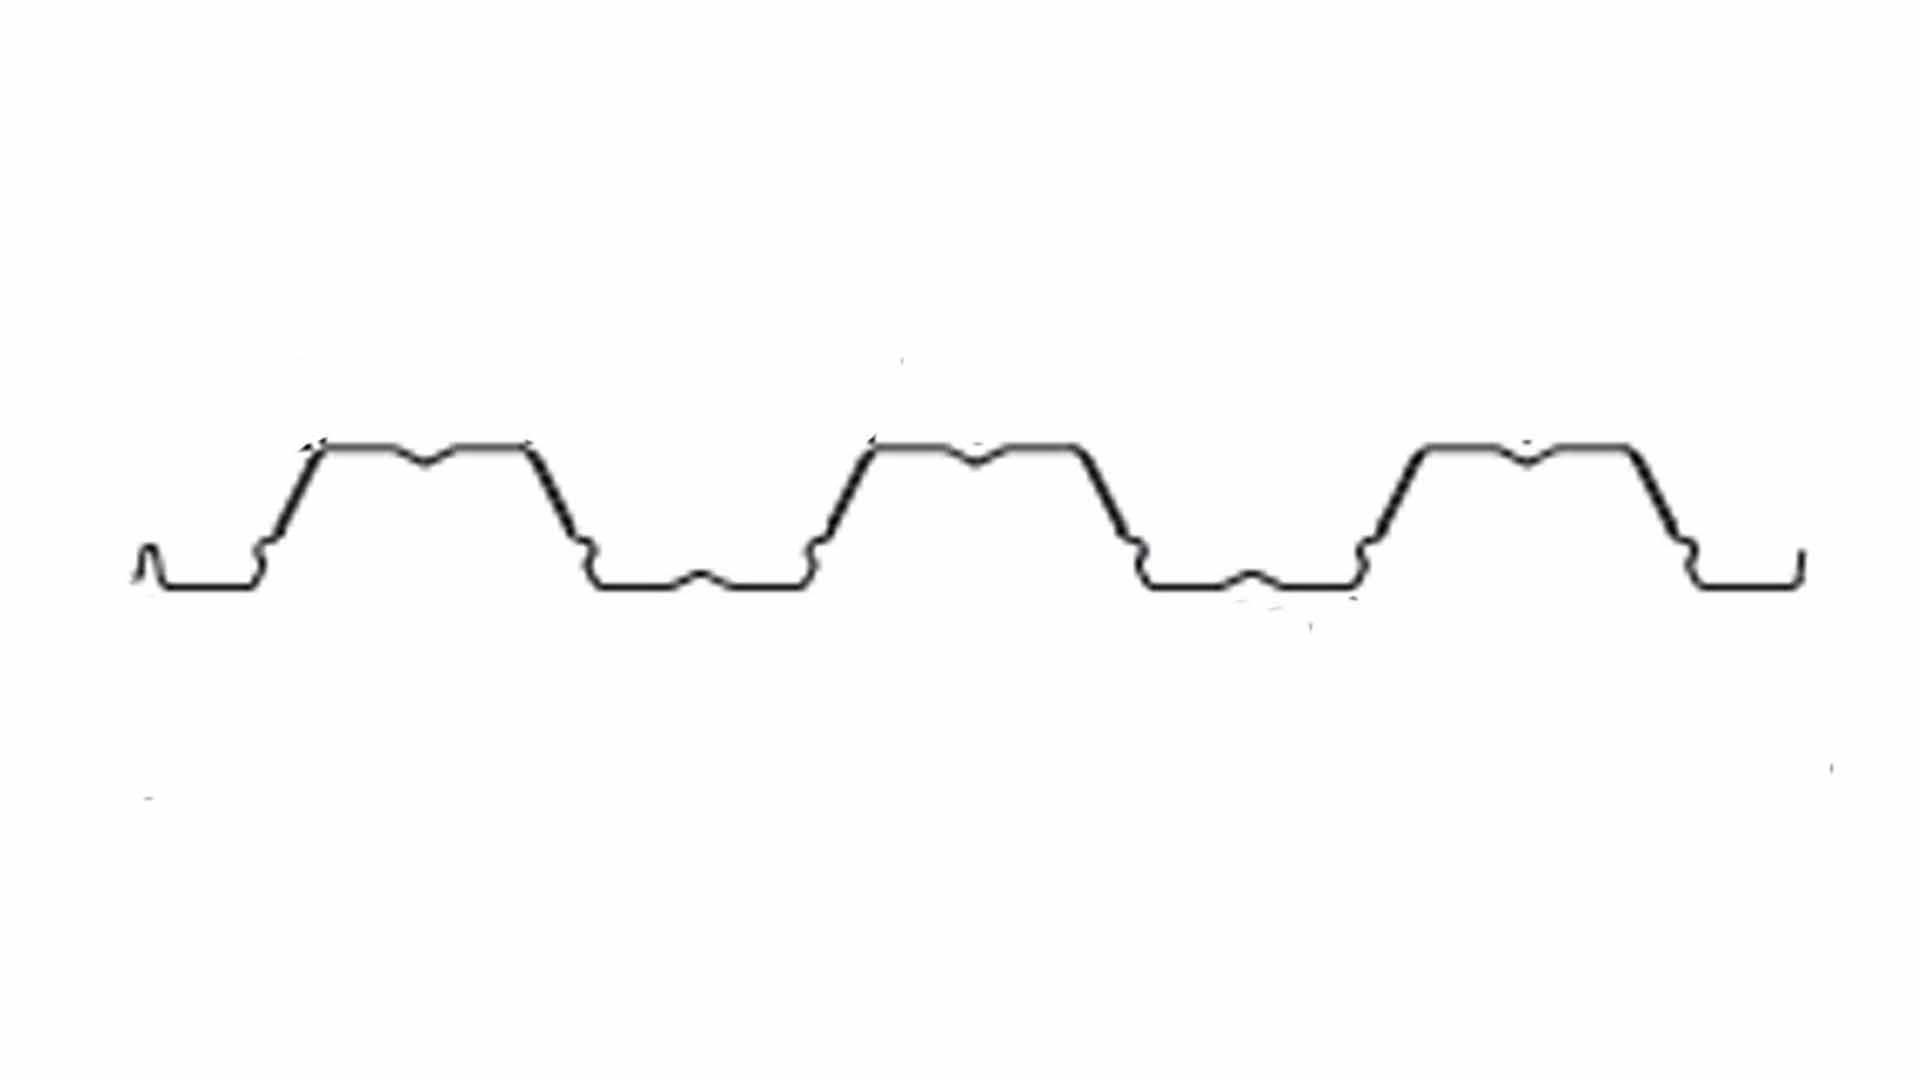 inverted-reversed-metal-deck-line-drawing-2